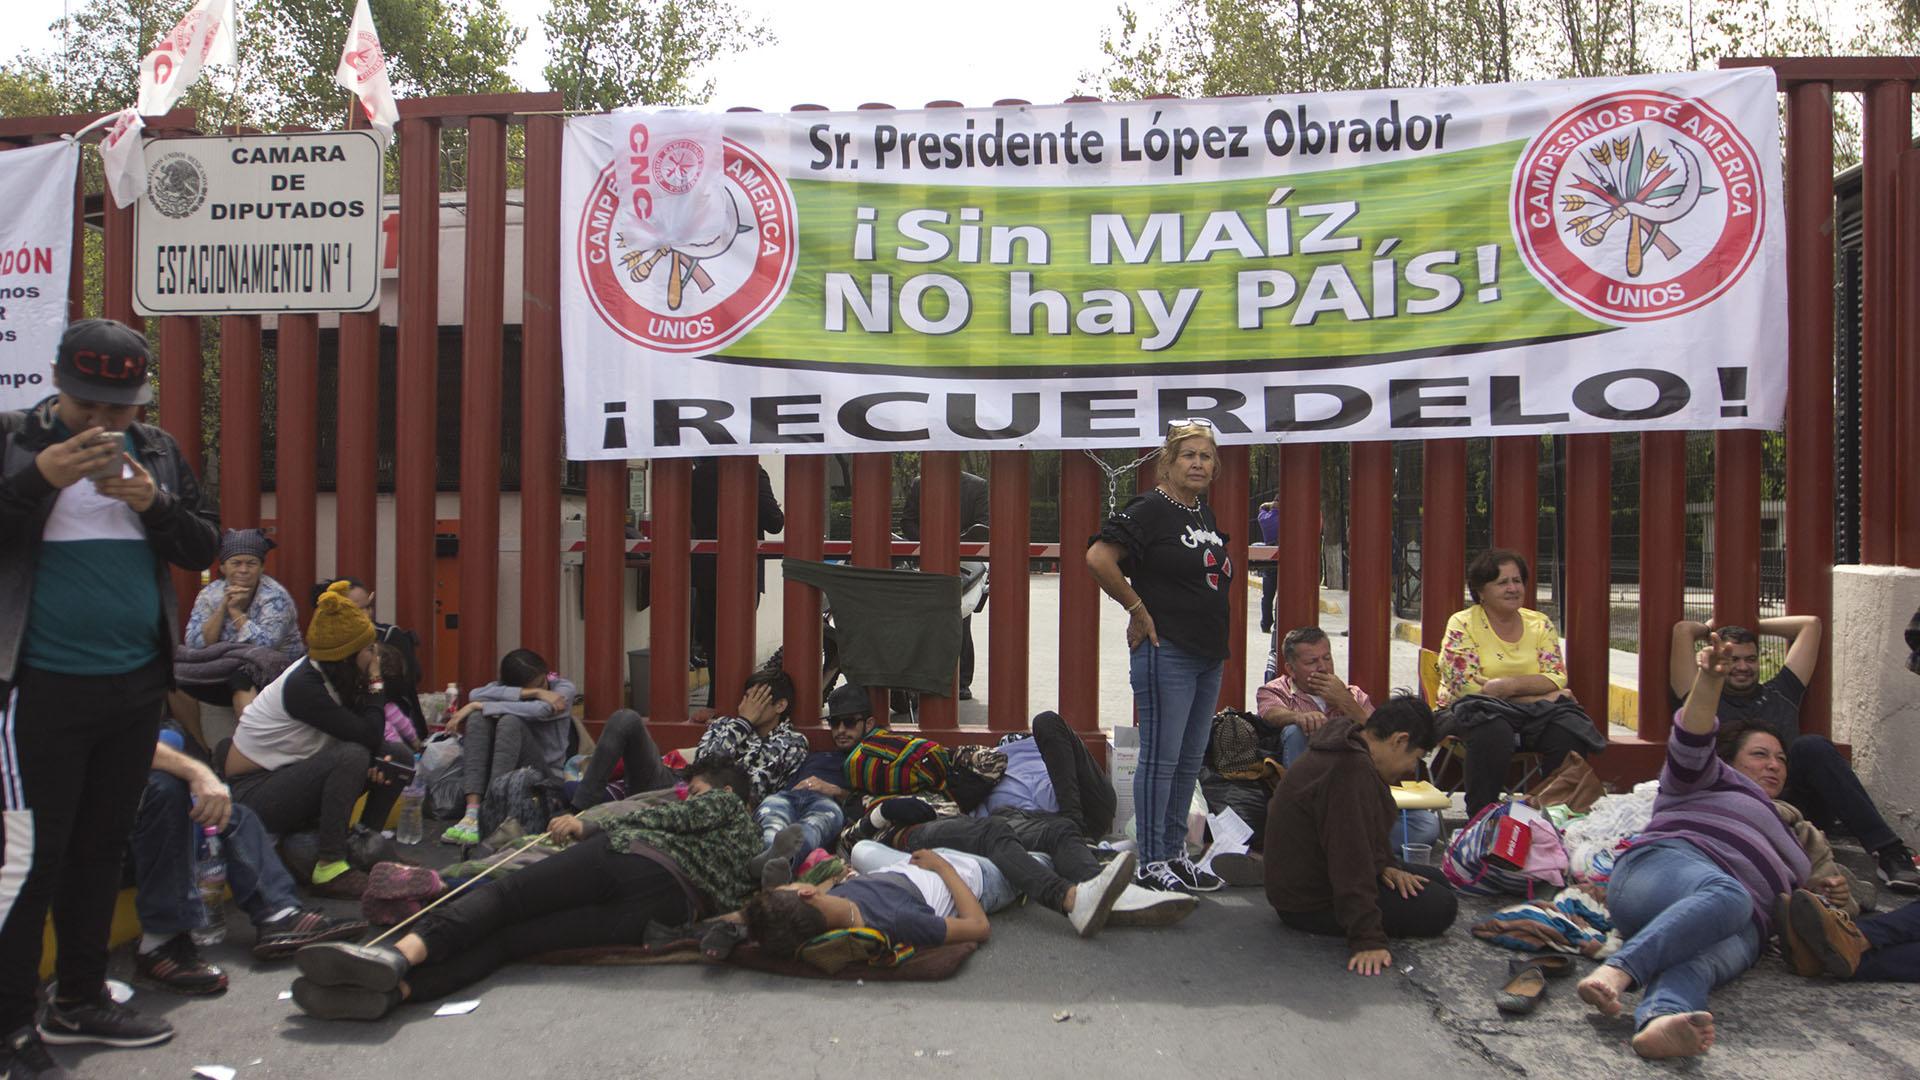 Bloqueo de campesinos en San Lázaro. Foto de Notimex